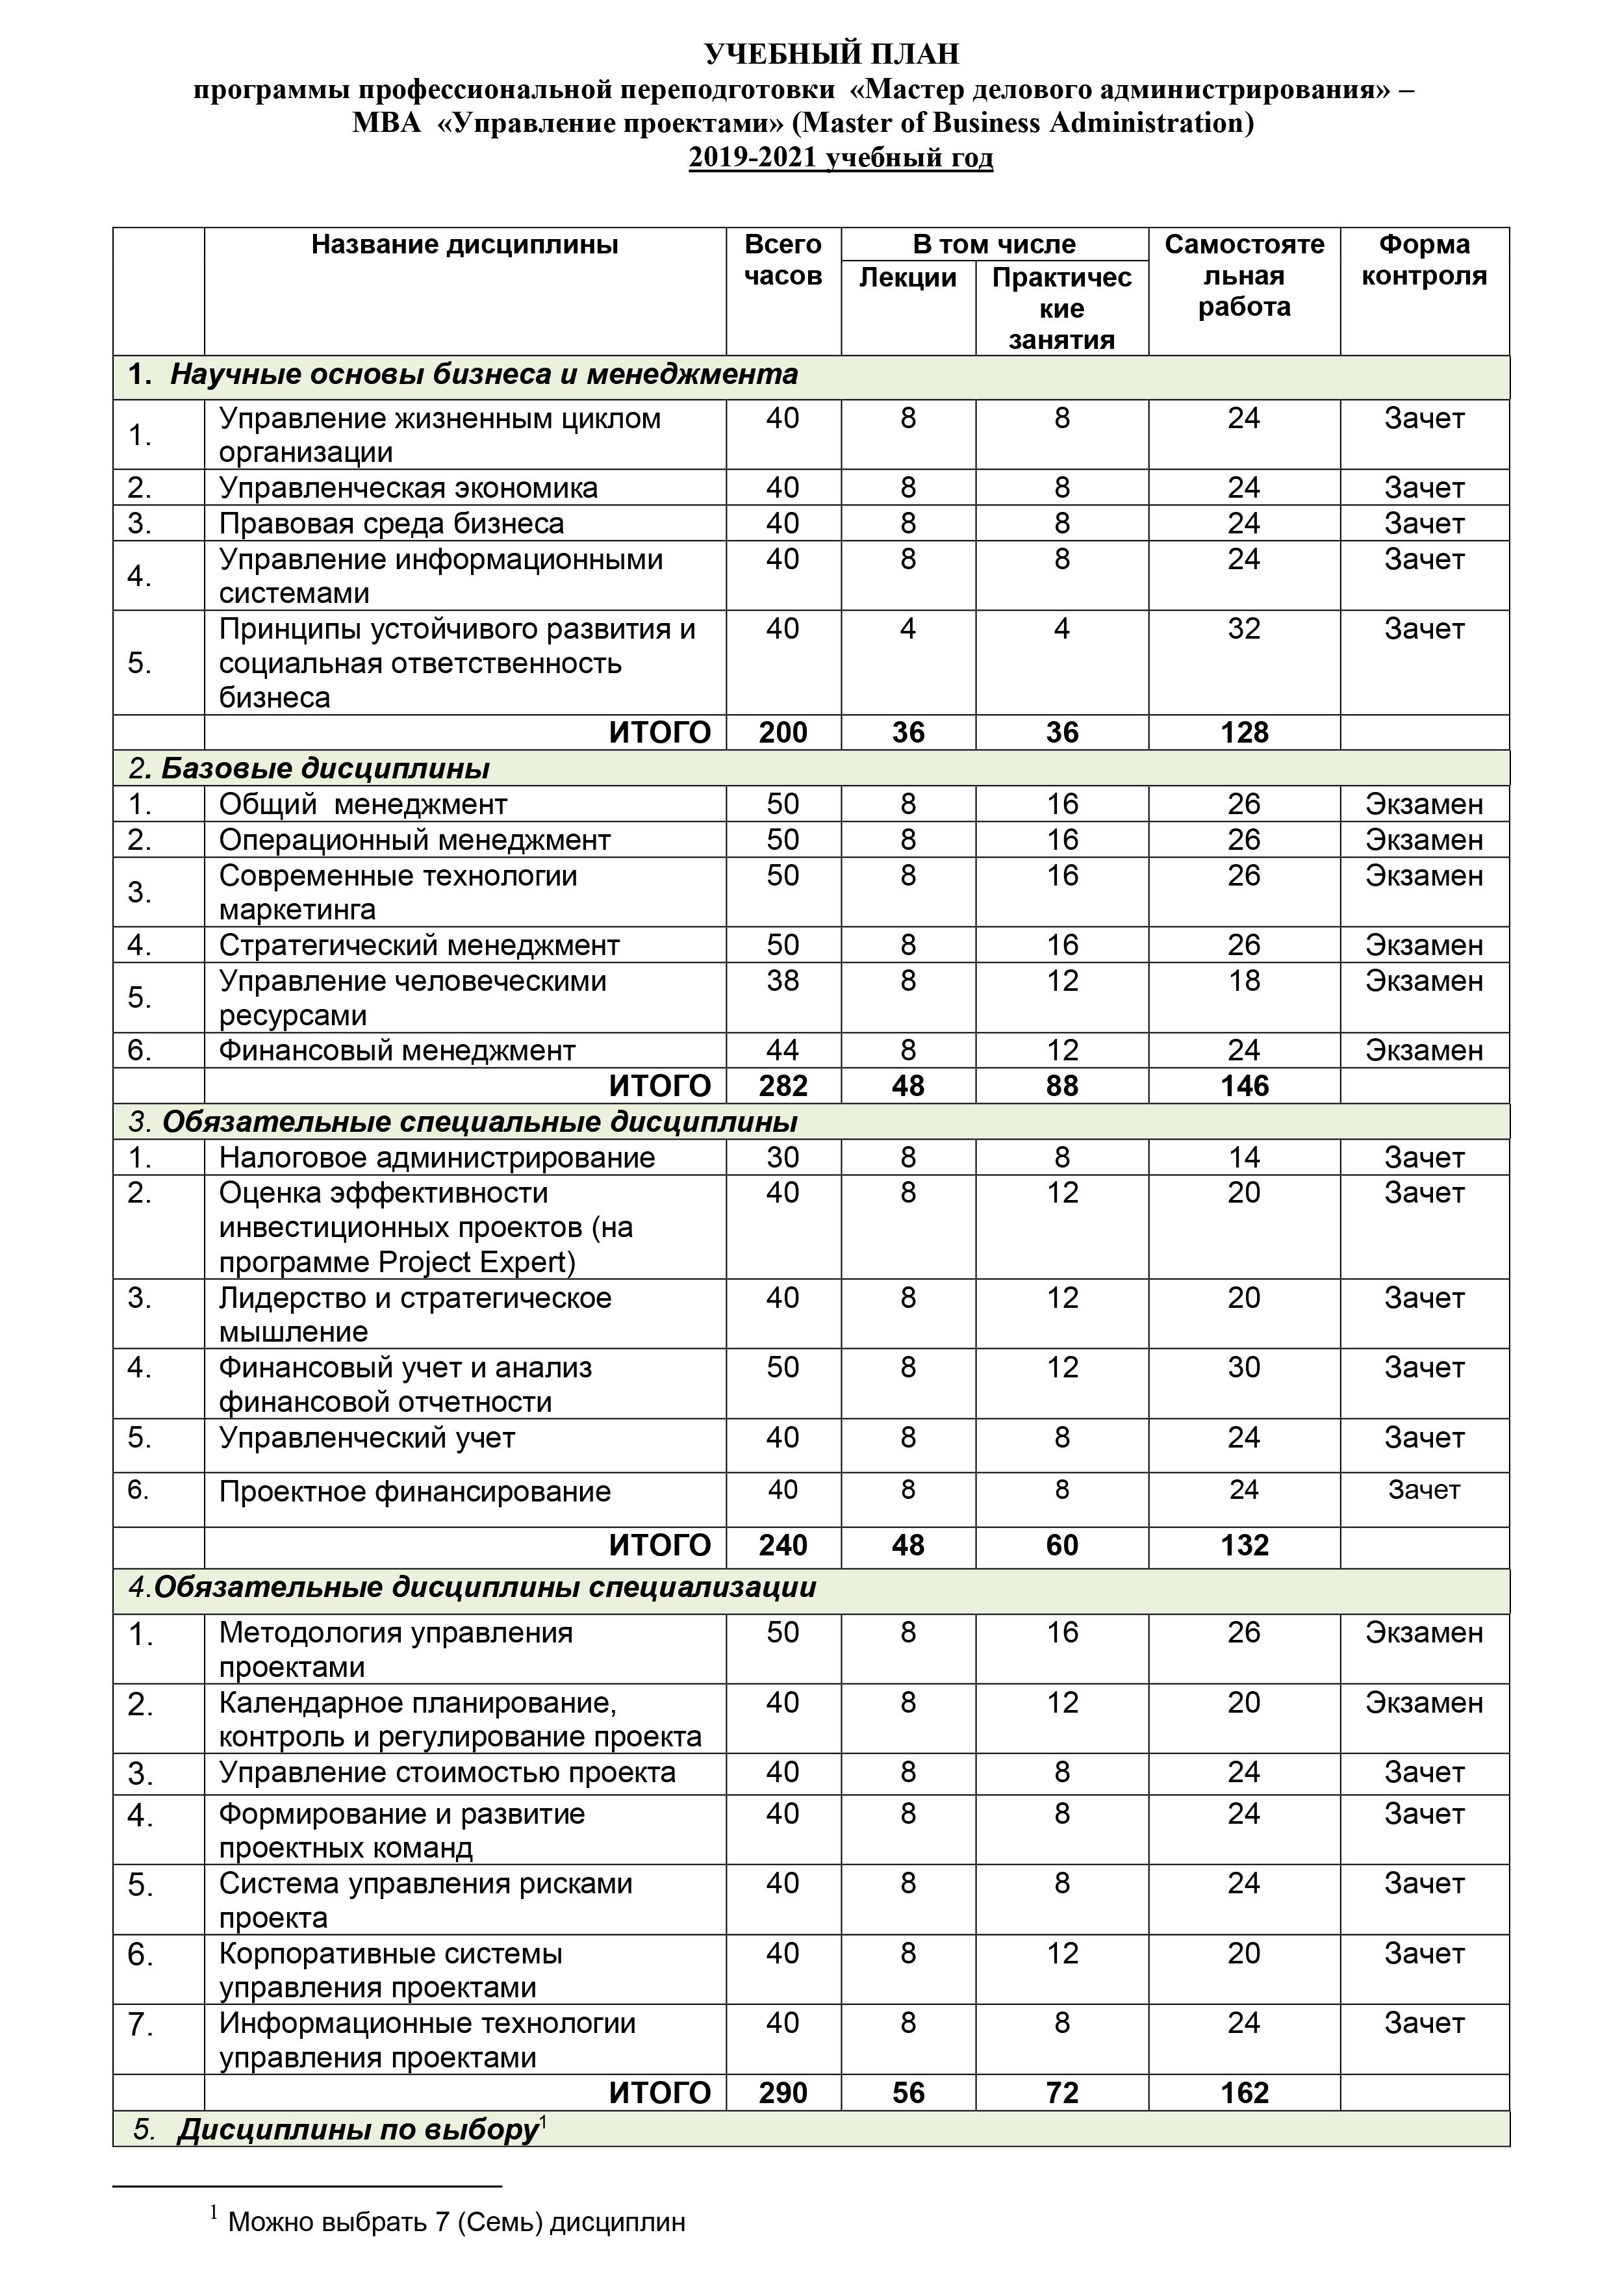 Учебный план программы «Управление проектами» вИБДА РАНХиГС. Часть дисциплин обязательные, часть — повыбору. Из19 можно выбрать 7